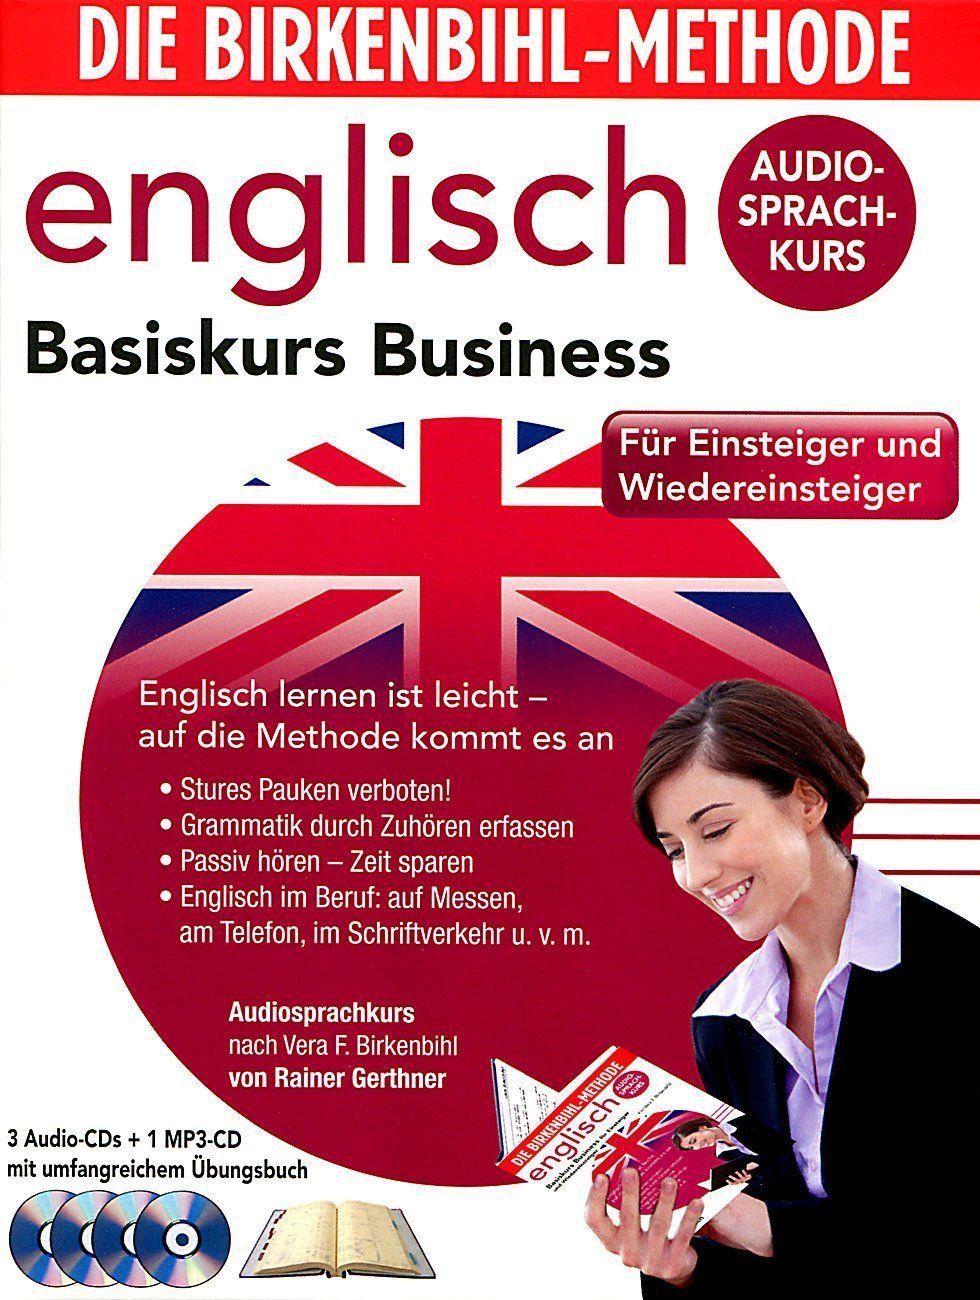 Audio-Sprachkurs Birkenbihl Basiskurs Business Englisch Kurs 4 CD's + Übungsbuch